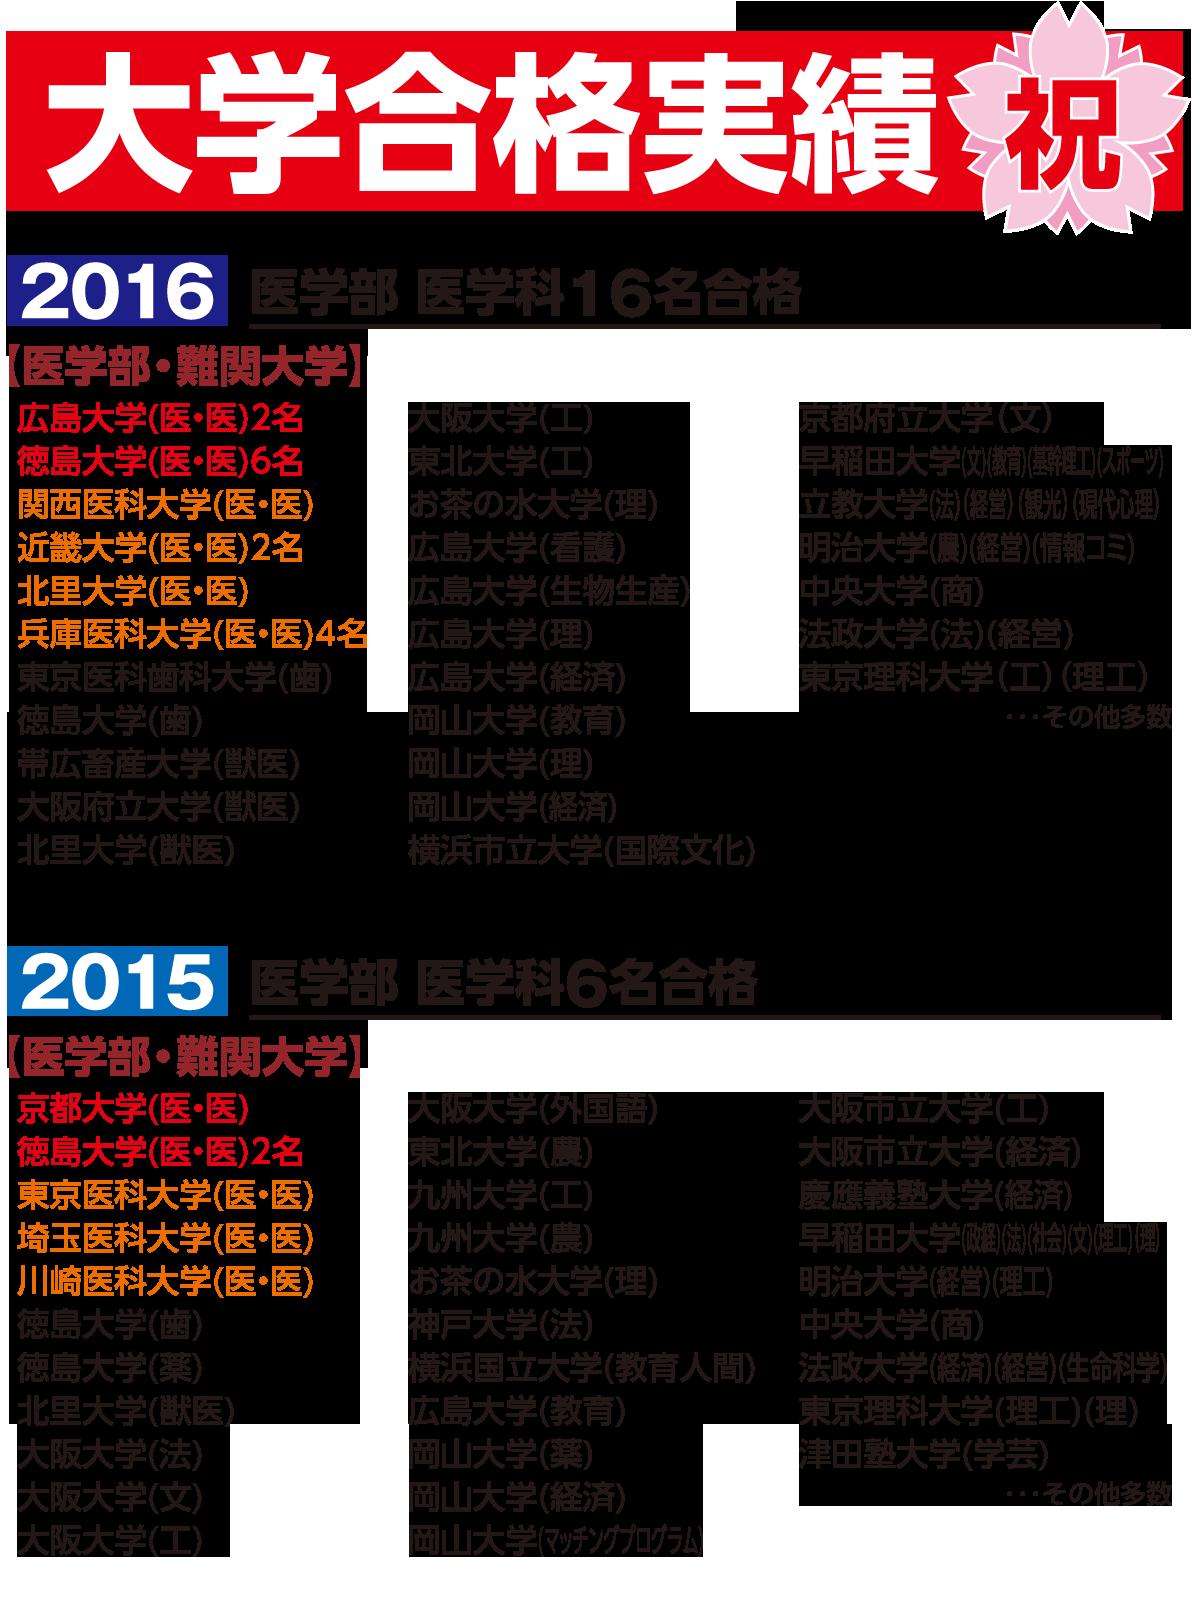 大学合格実績2016-2015